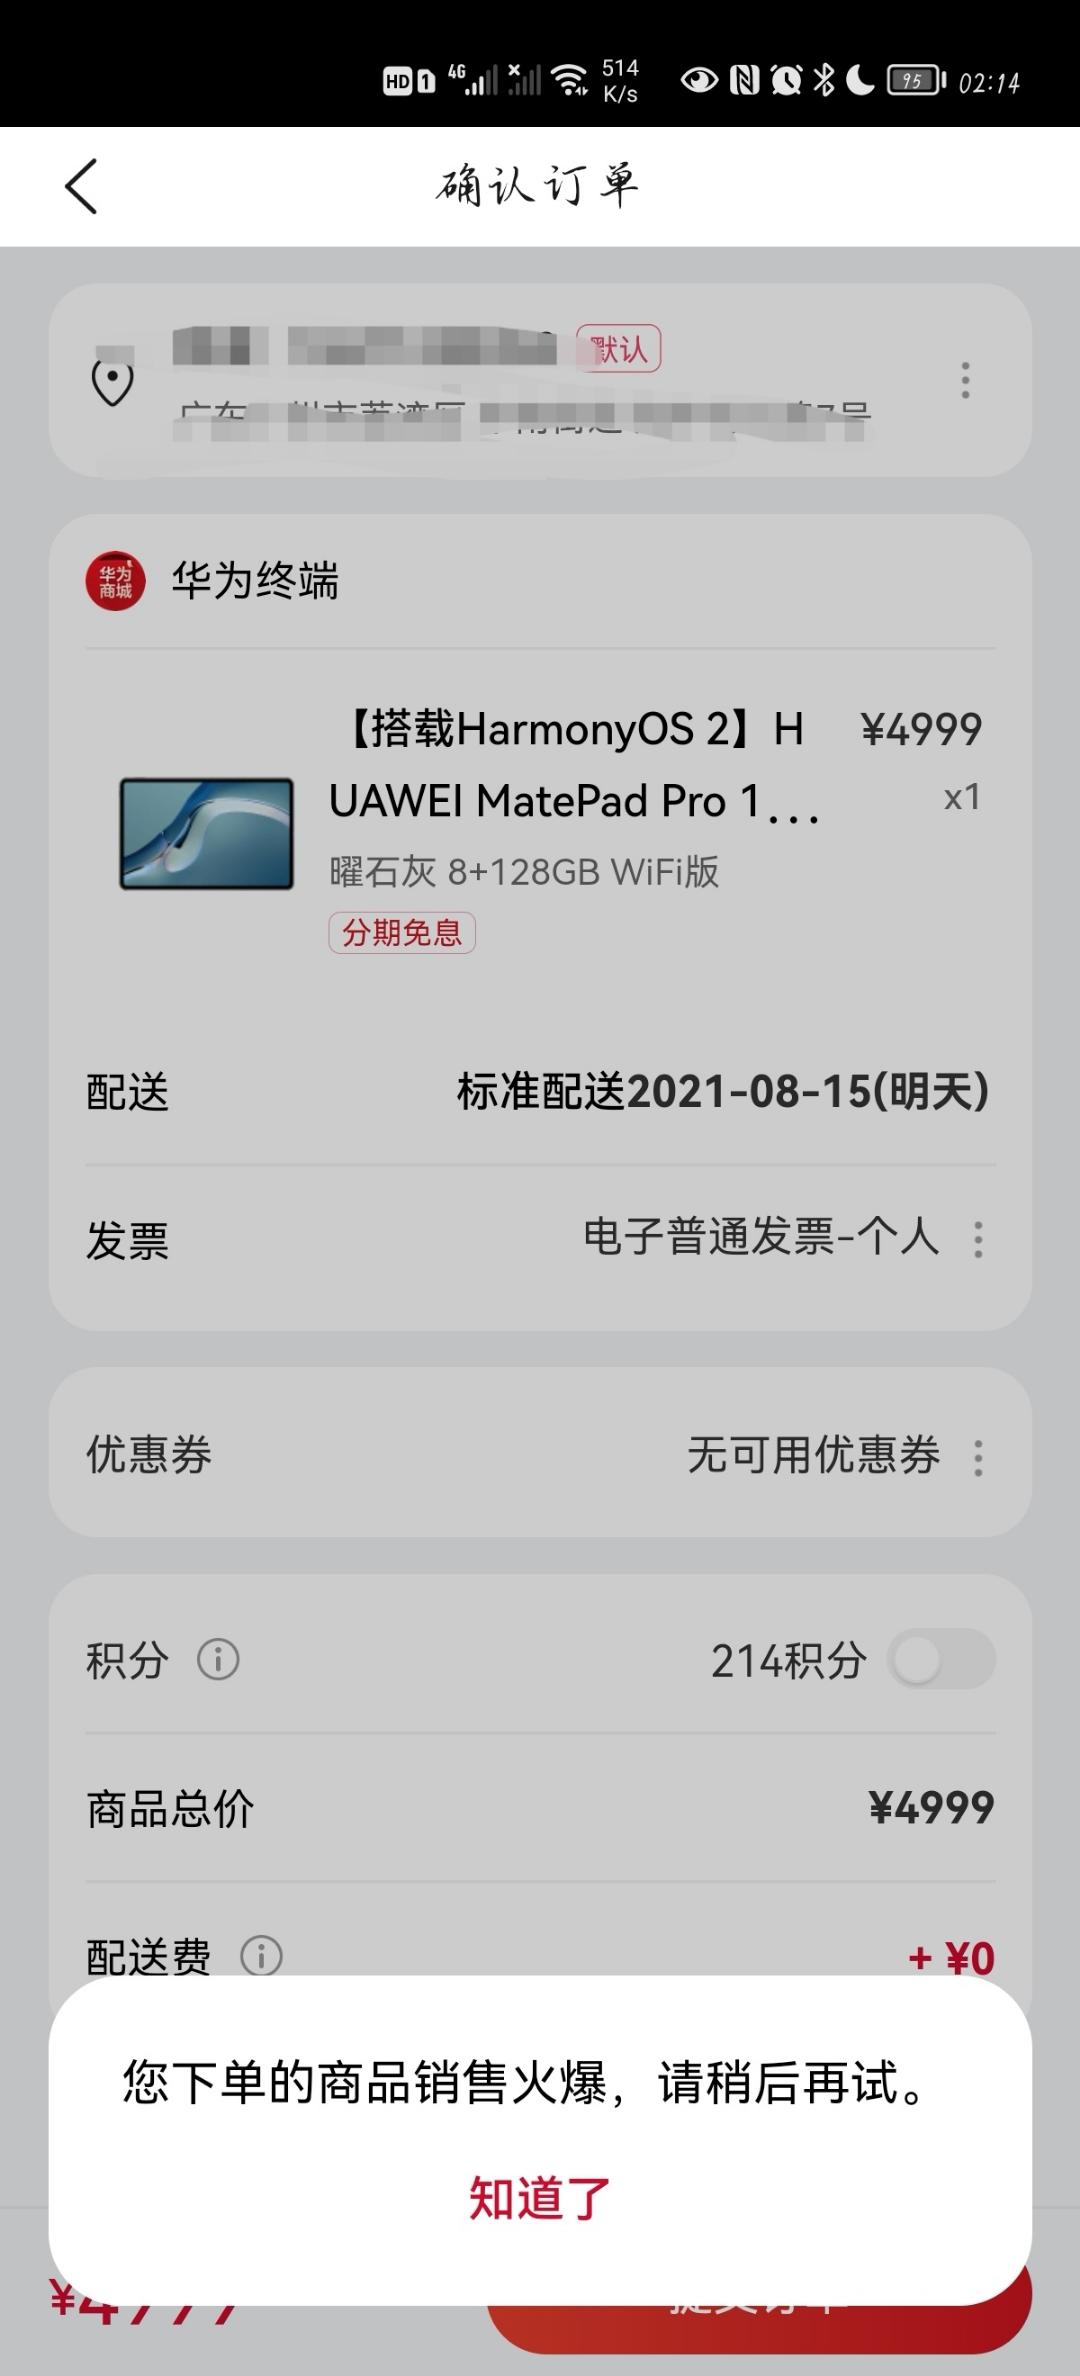 Screenshot_20210814_021453_com.vmall.client_edit_245633494452101.jpg